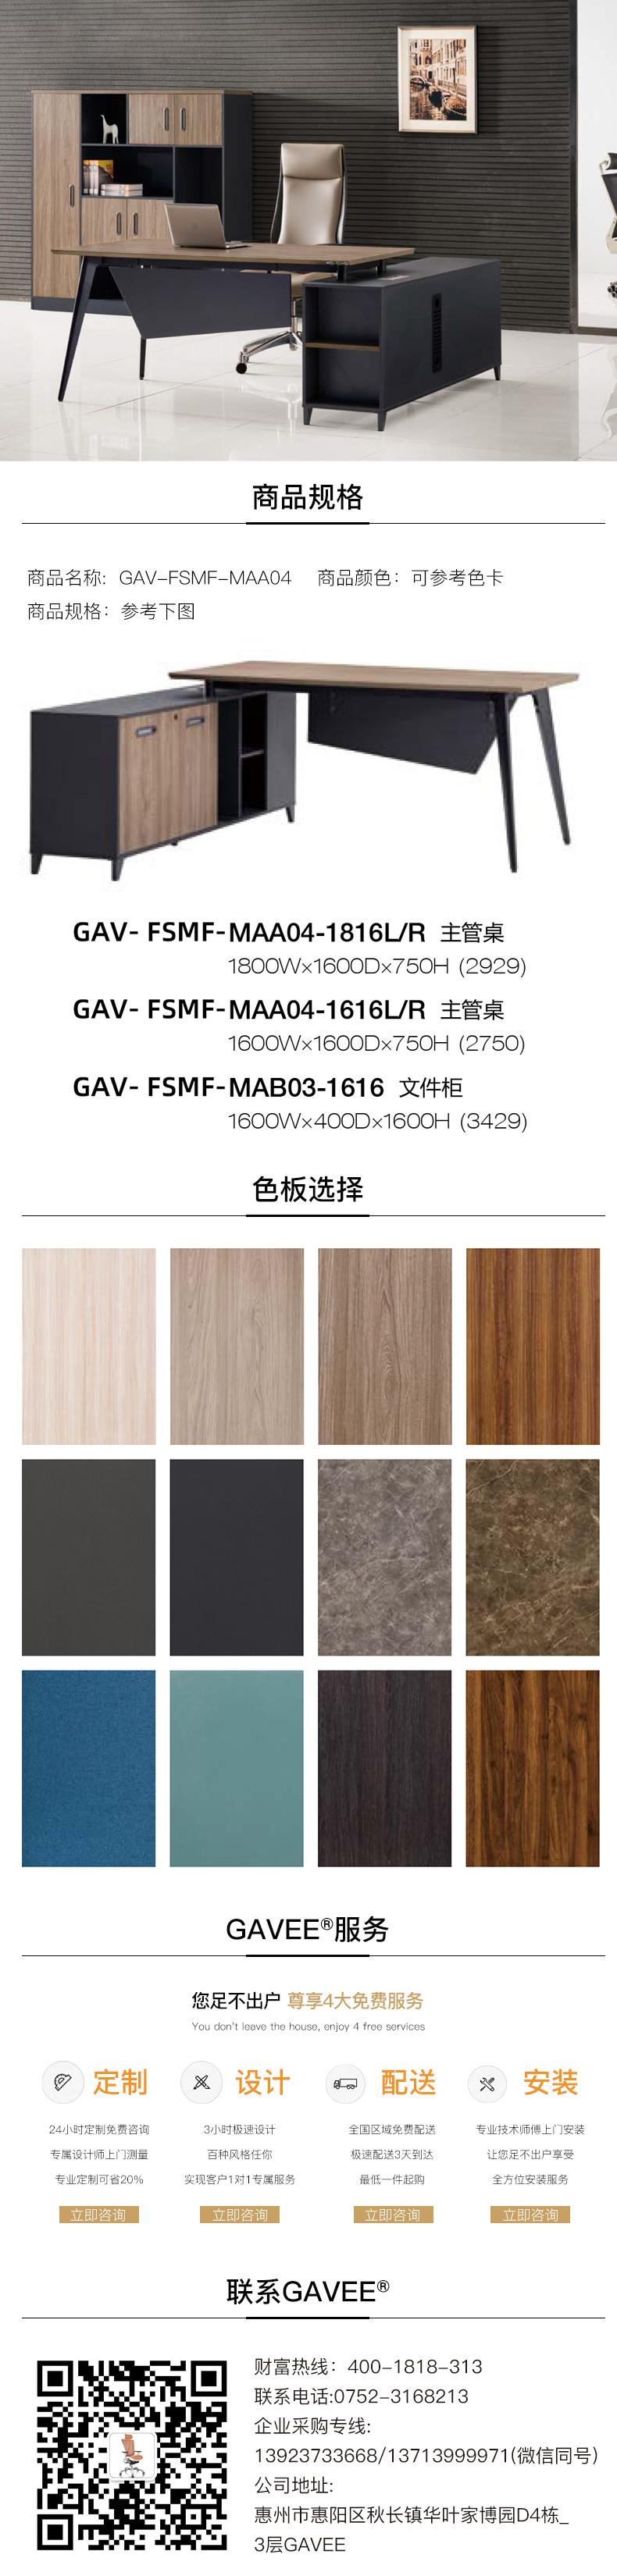 行政管理系統GAV-FSMF-MAA04.jpg